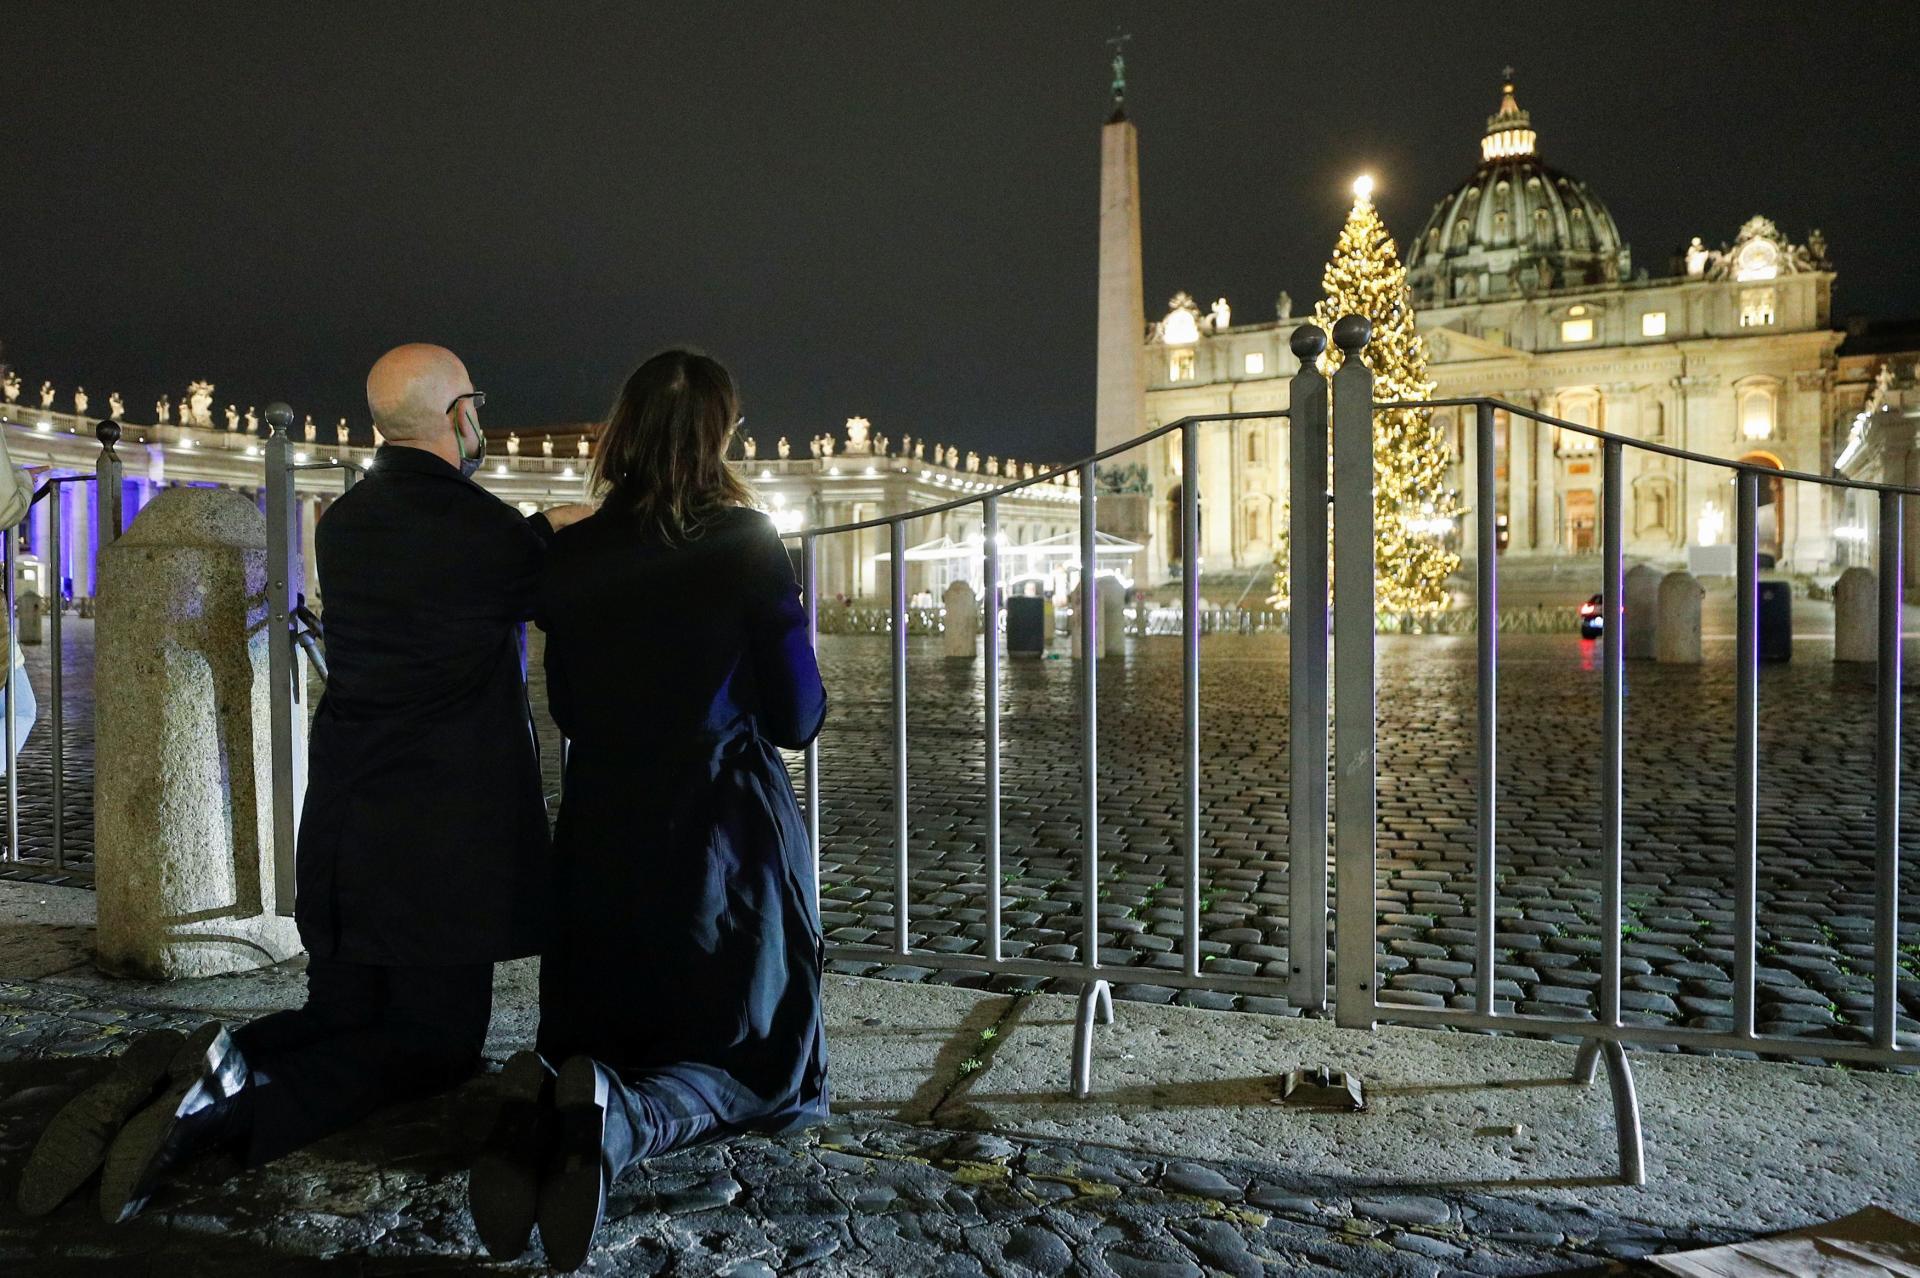 I fedeli pregano in Piazza San Pietro a Roma mentre il Papa celebra la Messa di Natale nella Basilica giovedì 24 dicembre.